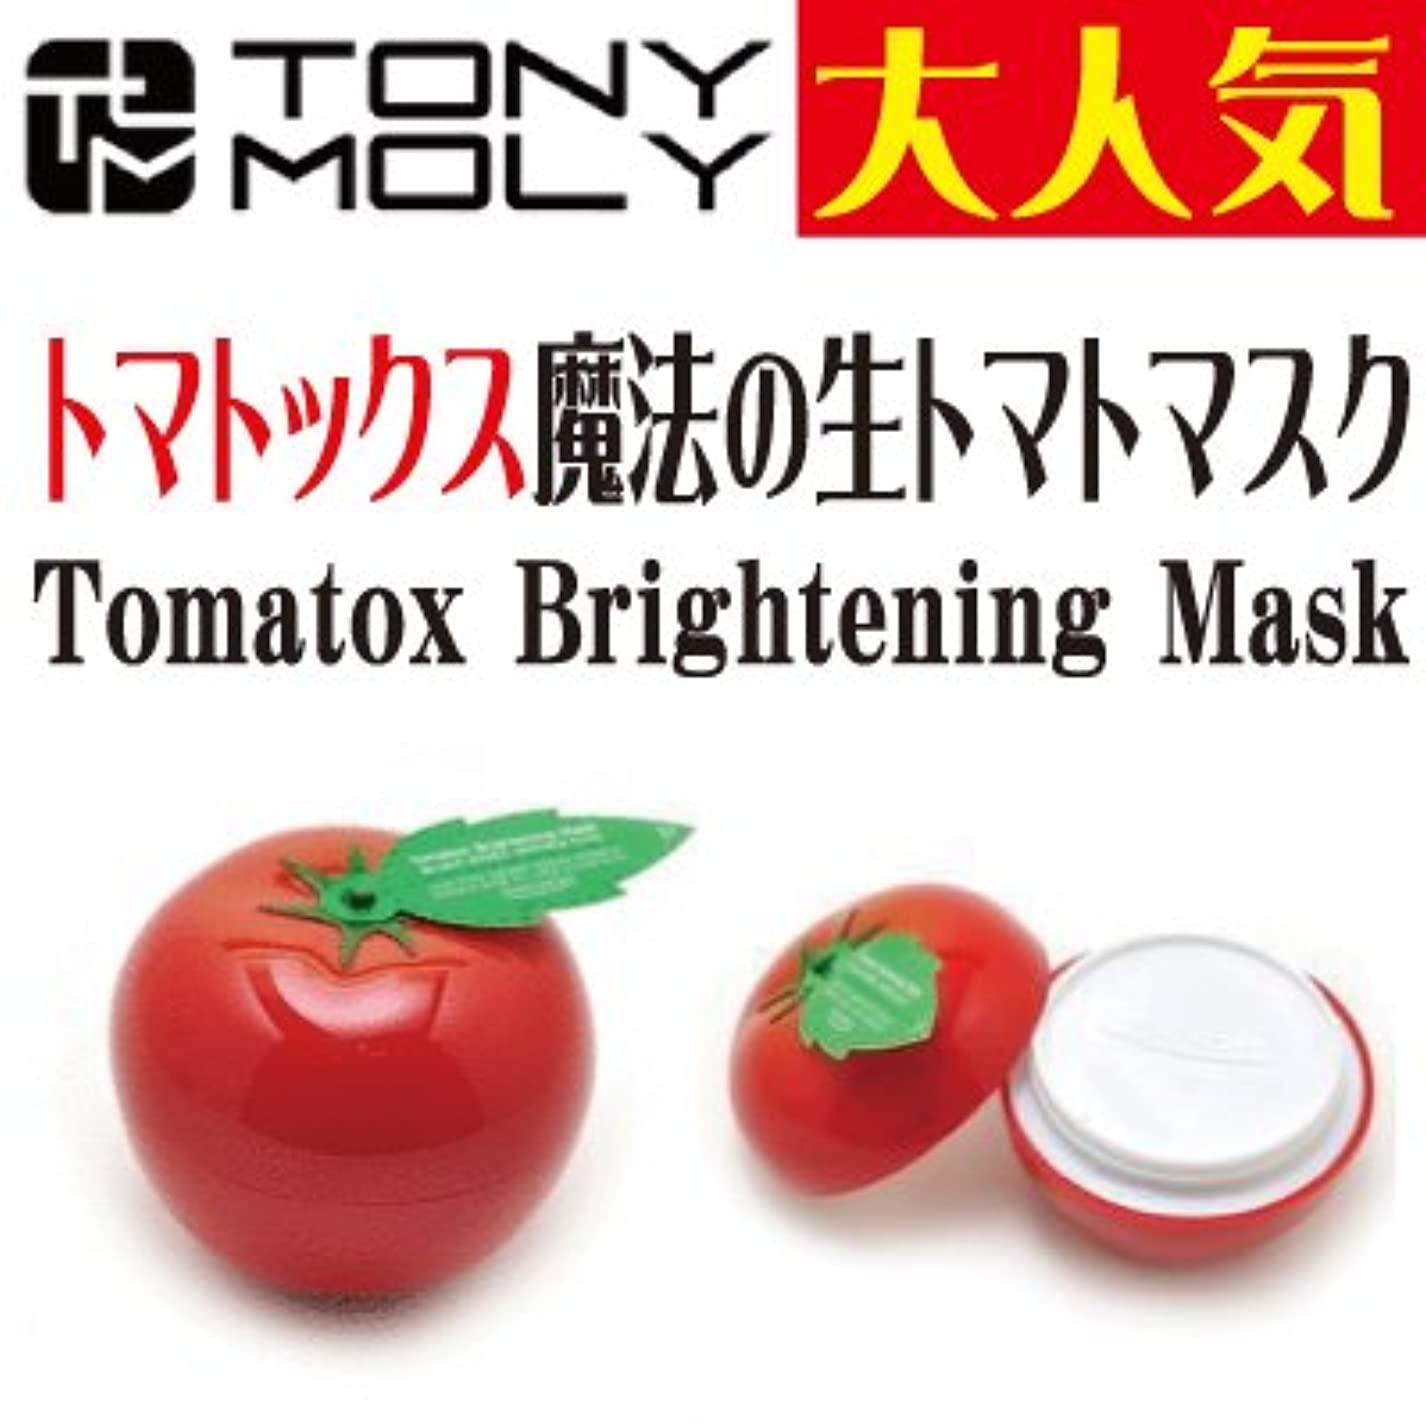 満たす不正直明らかTONYMOLY(トニーモリー)トマトックス ブライトニング マスク